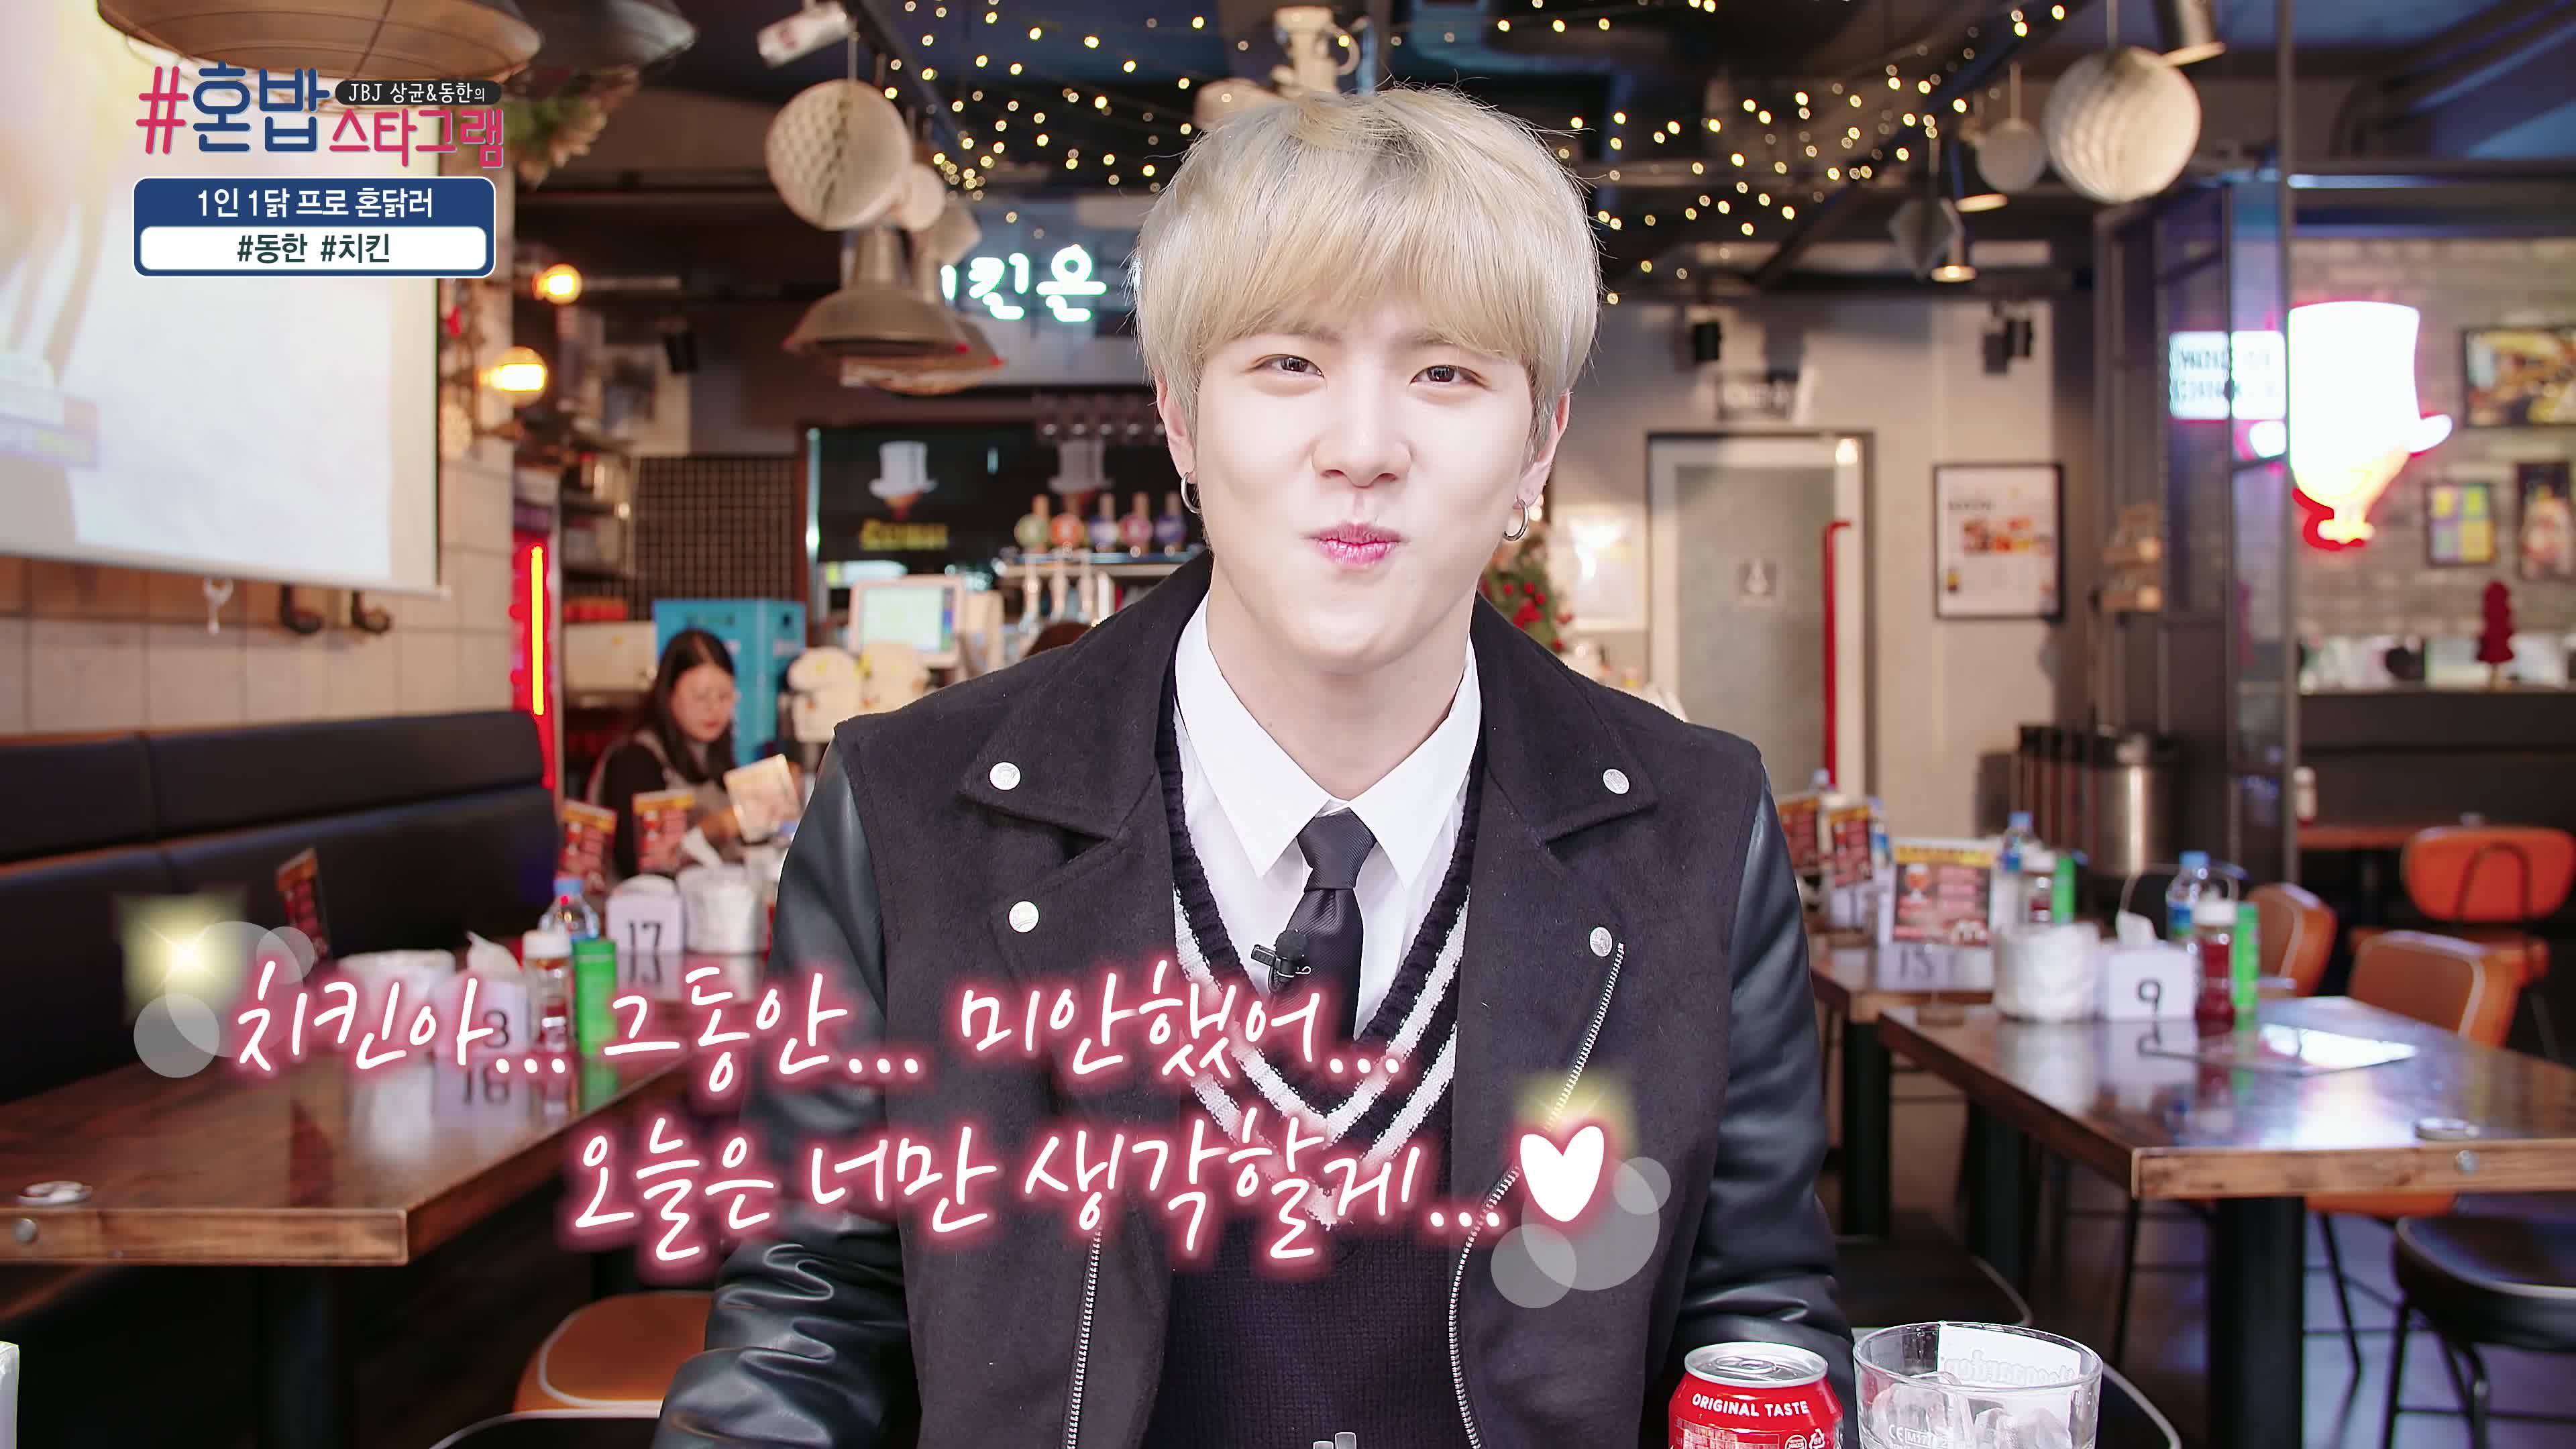 JBJ 상균&동한의 혼밥스타그램#18회(#혼밥#프로 혼닭러 #동하니 #치킨)